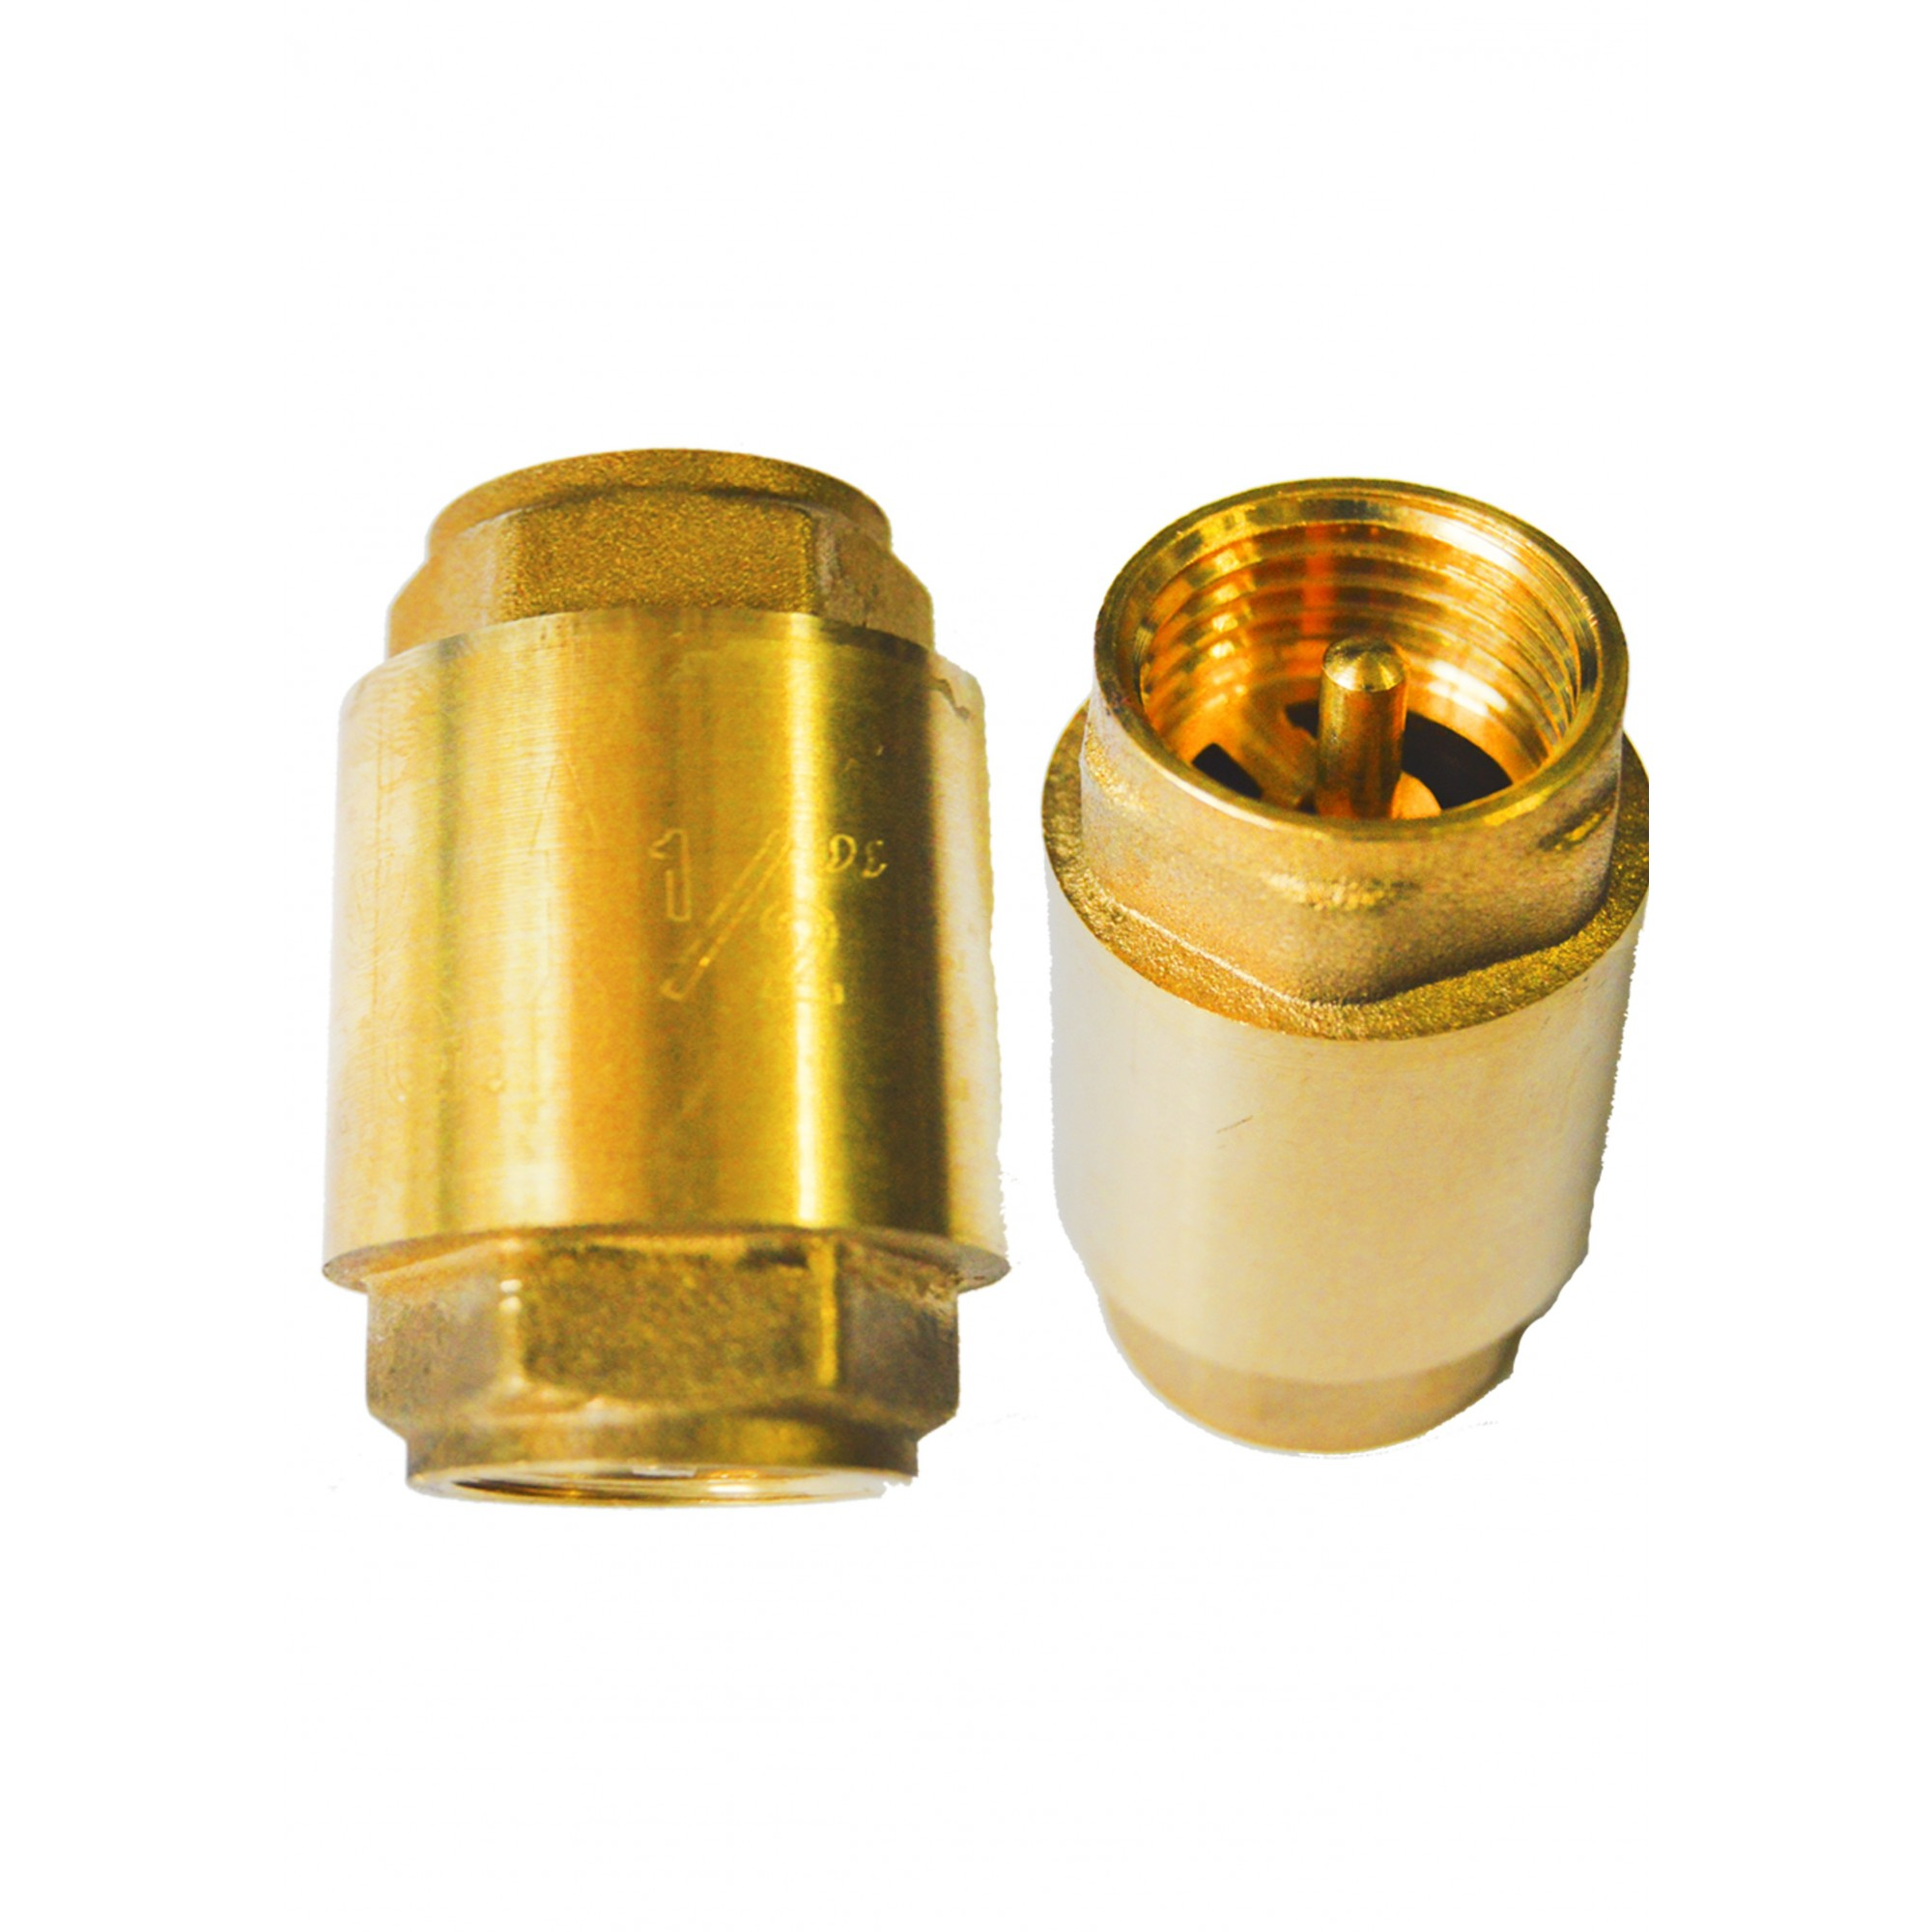 Обратный клапан 1/2 Valve J.G. Euro, усиленный J.G. - 1